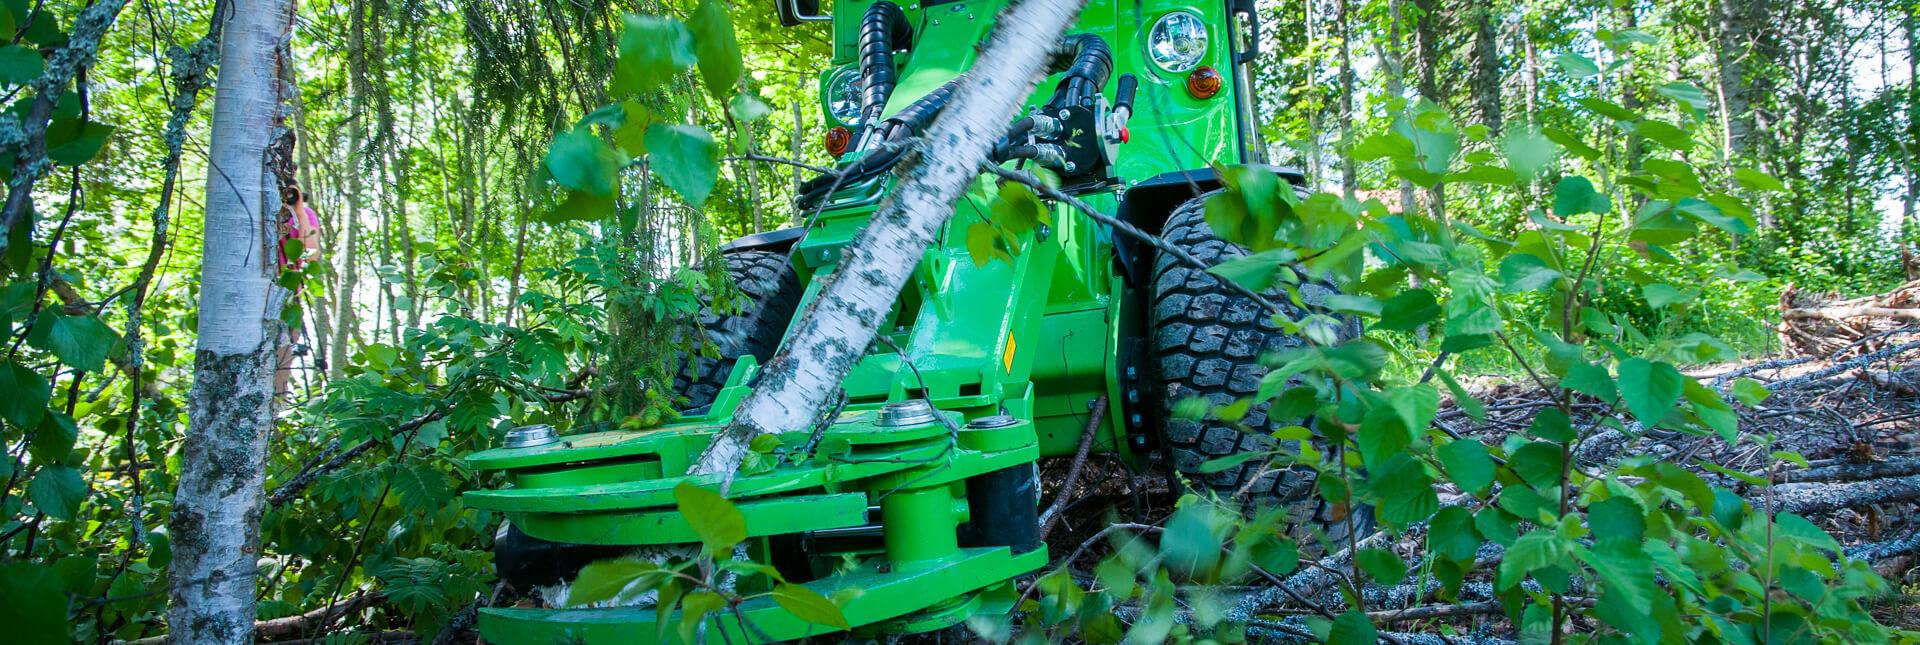 Arbejdsbillede af et Klippehoved redskab påmonteret på en avant minilæsser i skoven